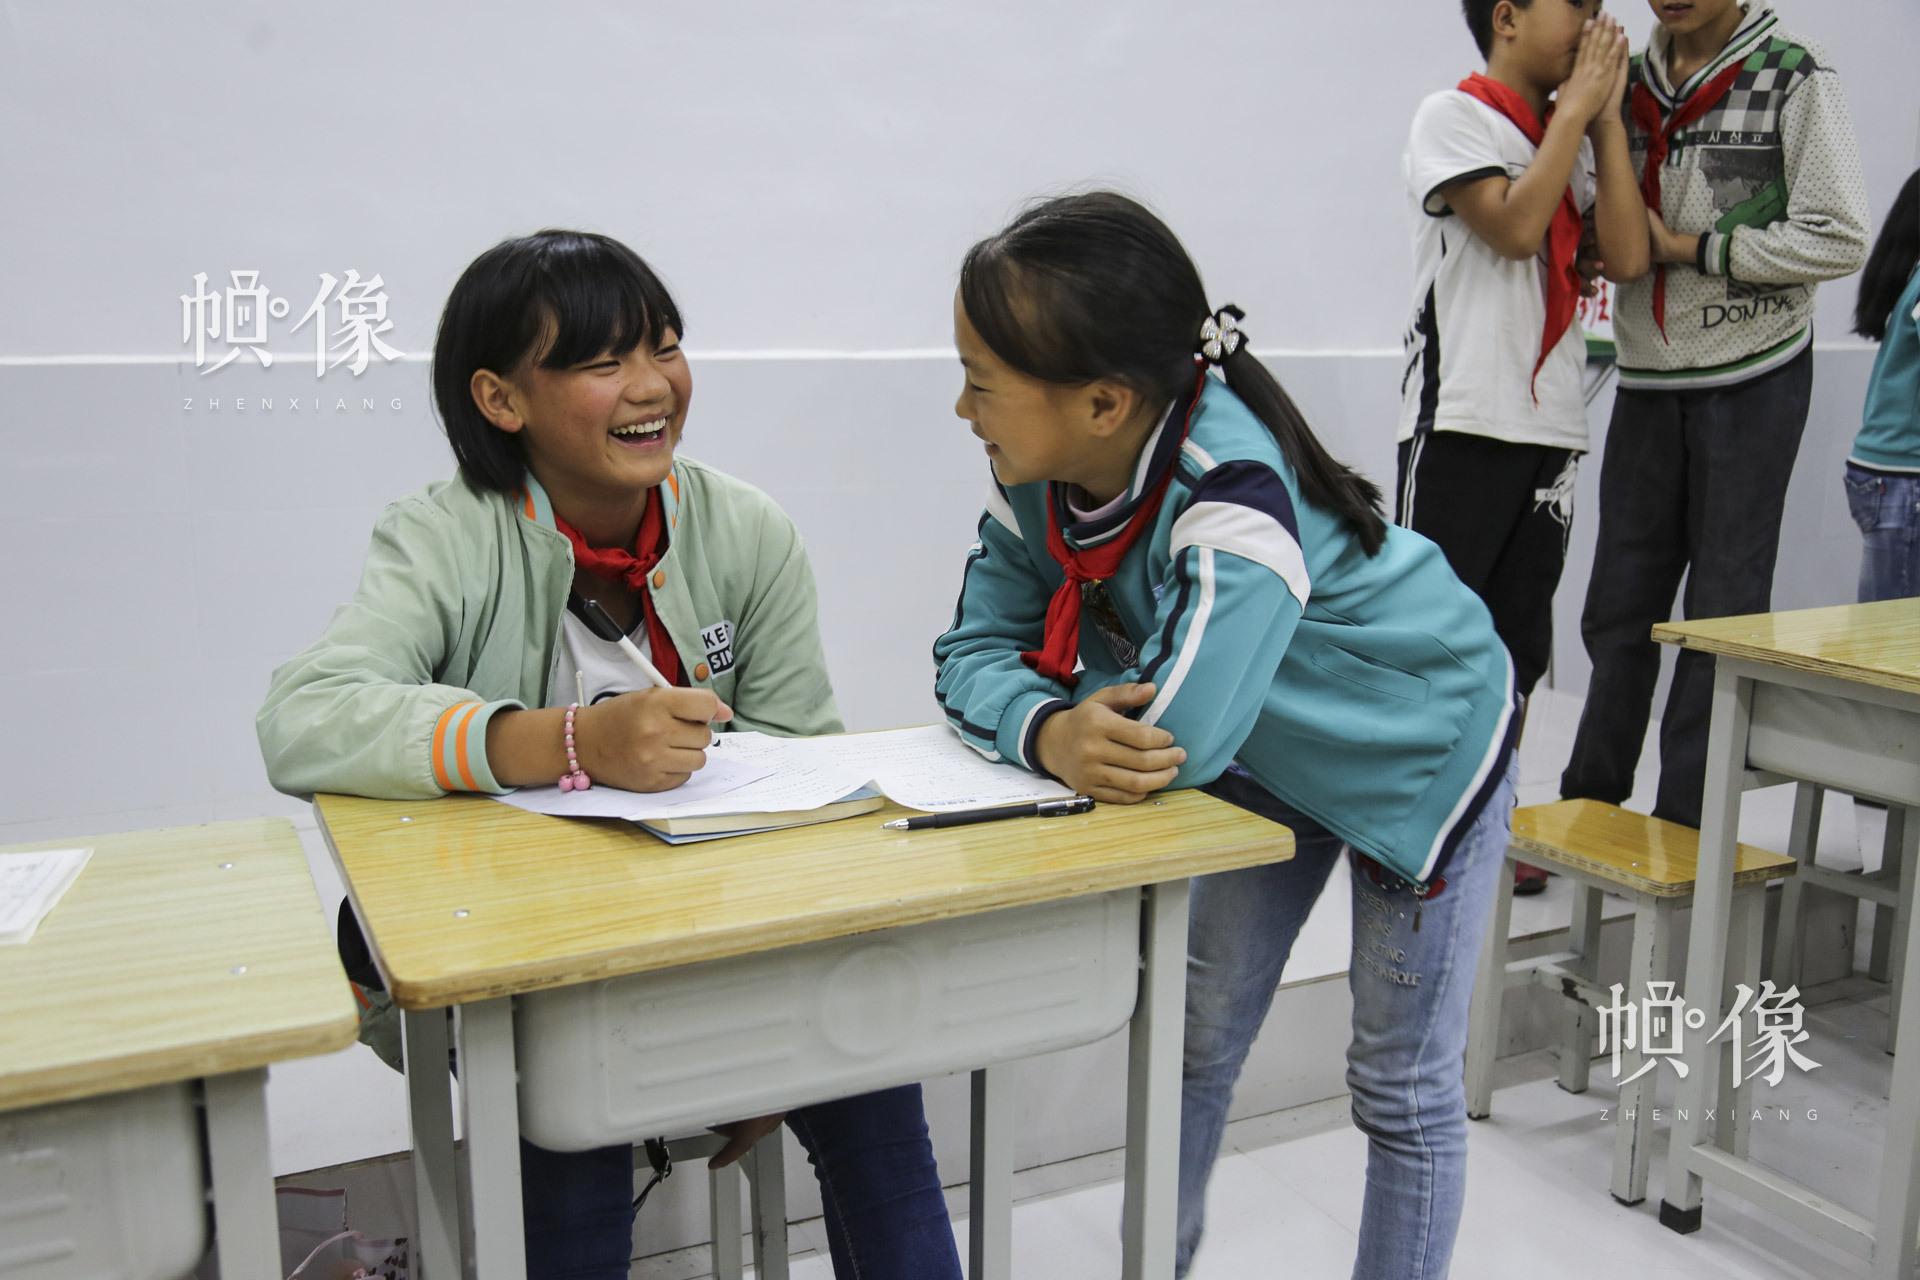 12岁的肖欢欢(左)是家里的小女儿,她19岁的姐姐在江西一所大学读大二。为了供肖欢欢的姐姐上大学,肖阳品去福建做搬运工?!八丫辛侥昝挥谢丶伊?,我一般一两年才可以见他一次?!毙せ痘端?。中国网记者 黄富友 摄